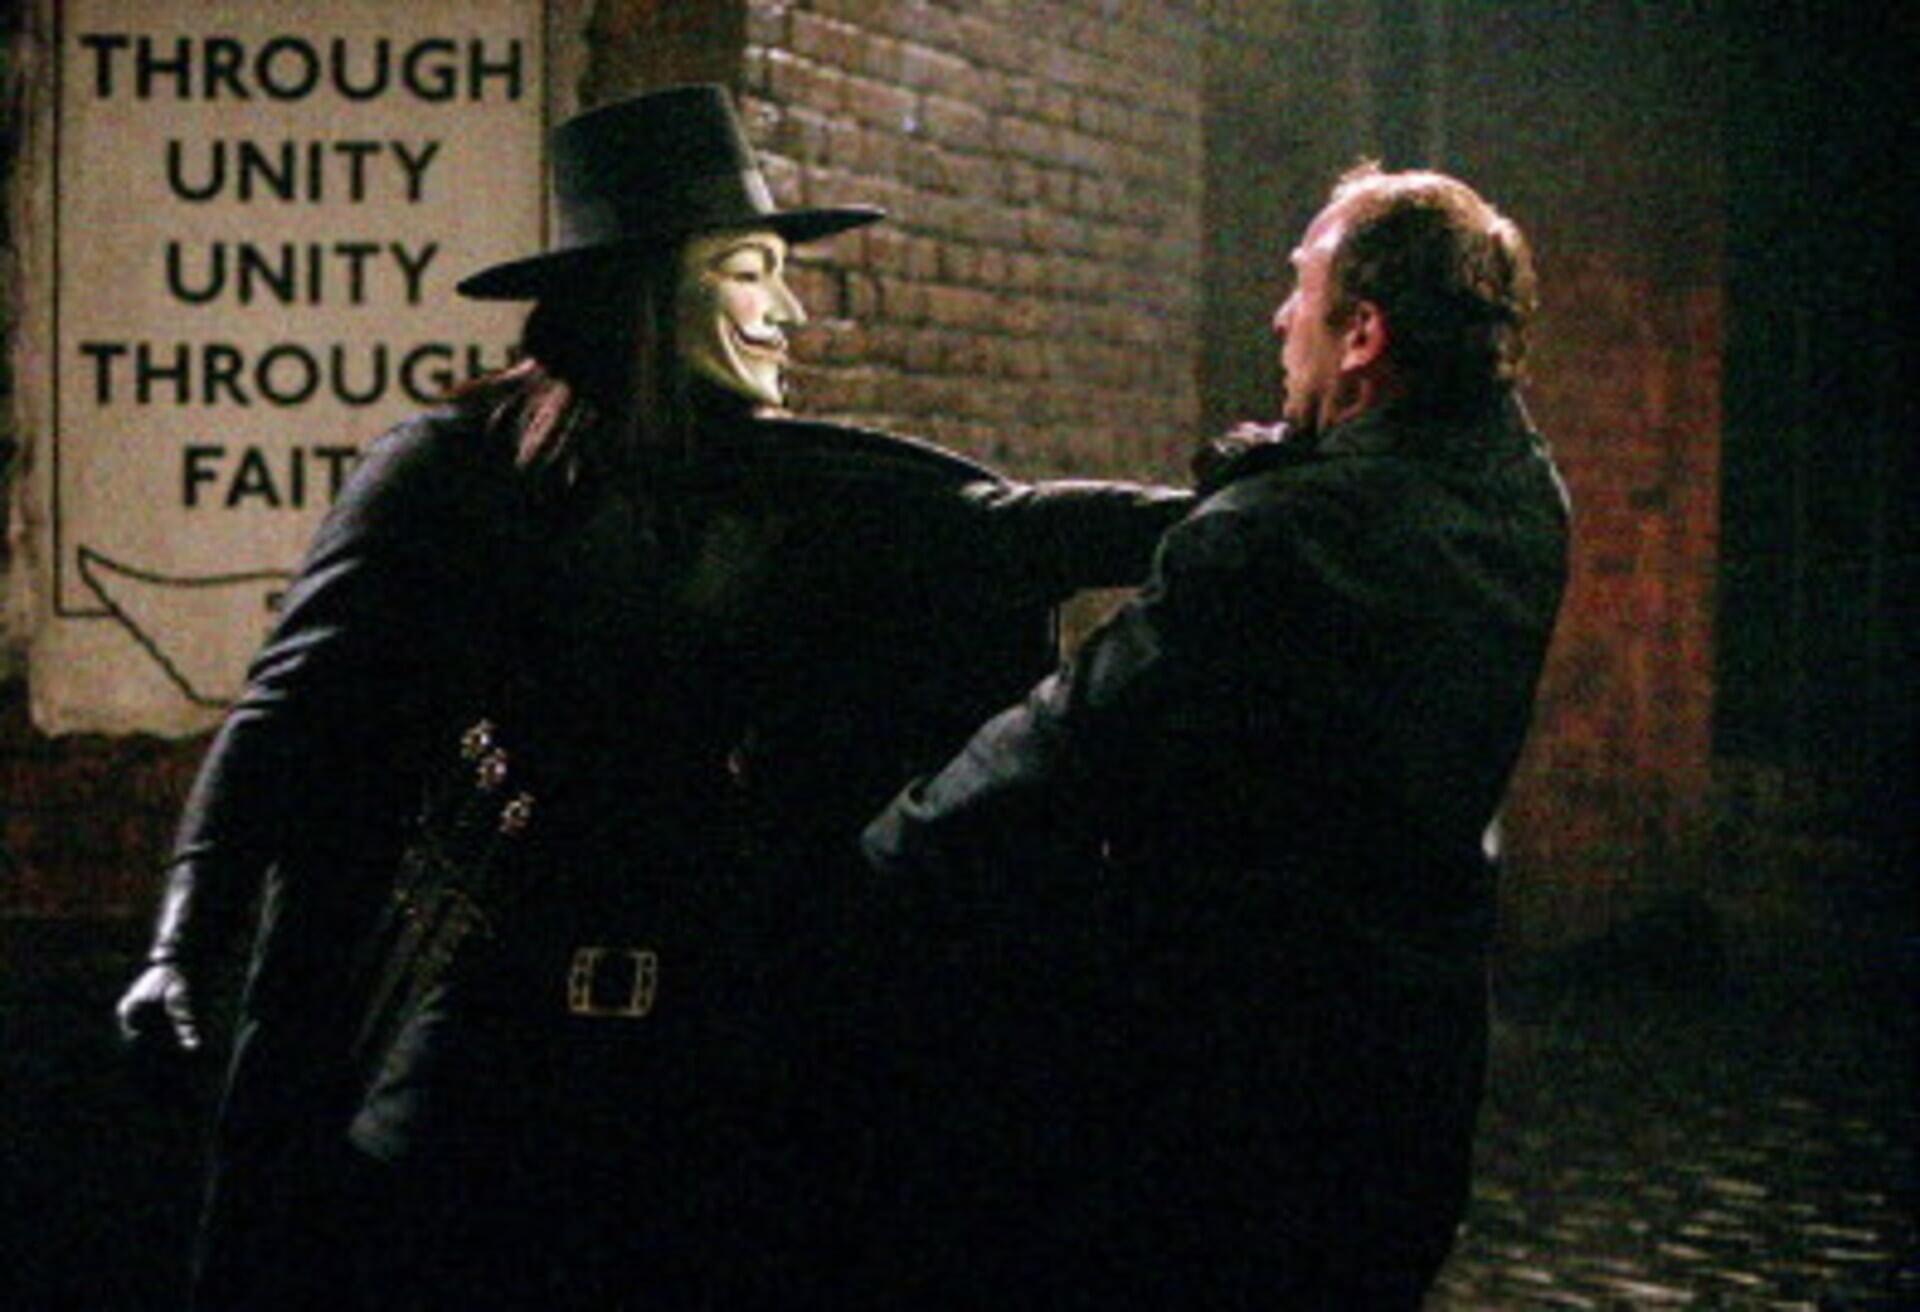 V for Vendetta - Image 8